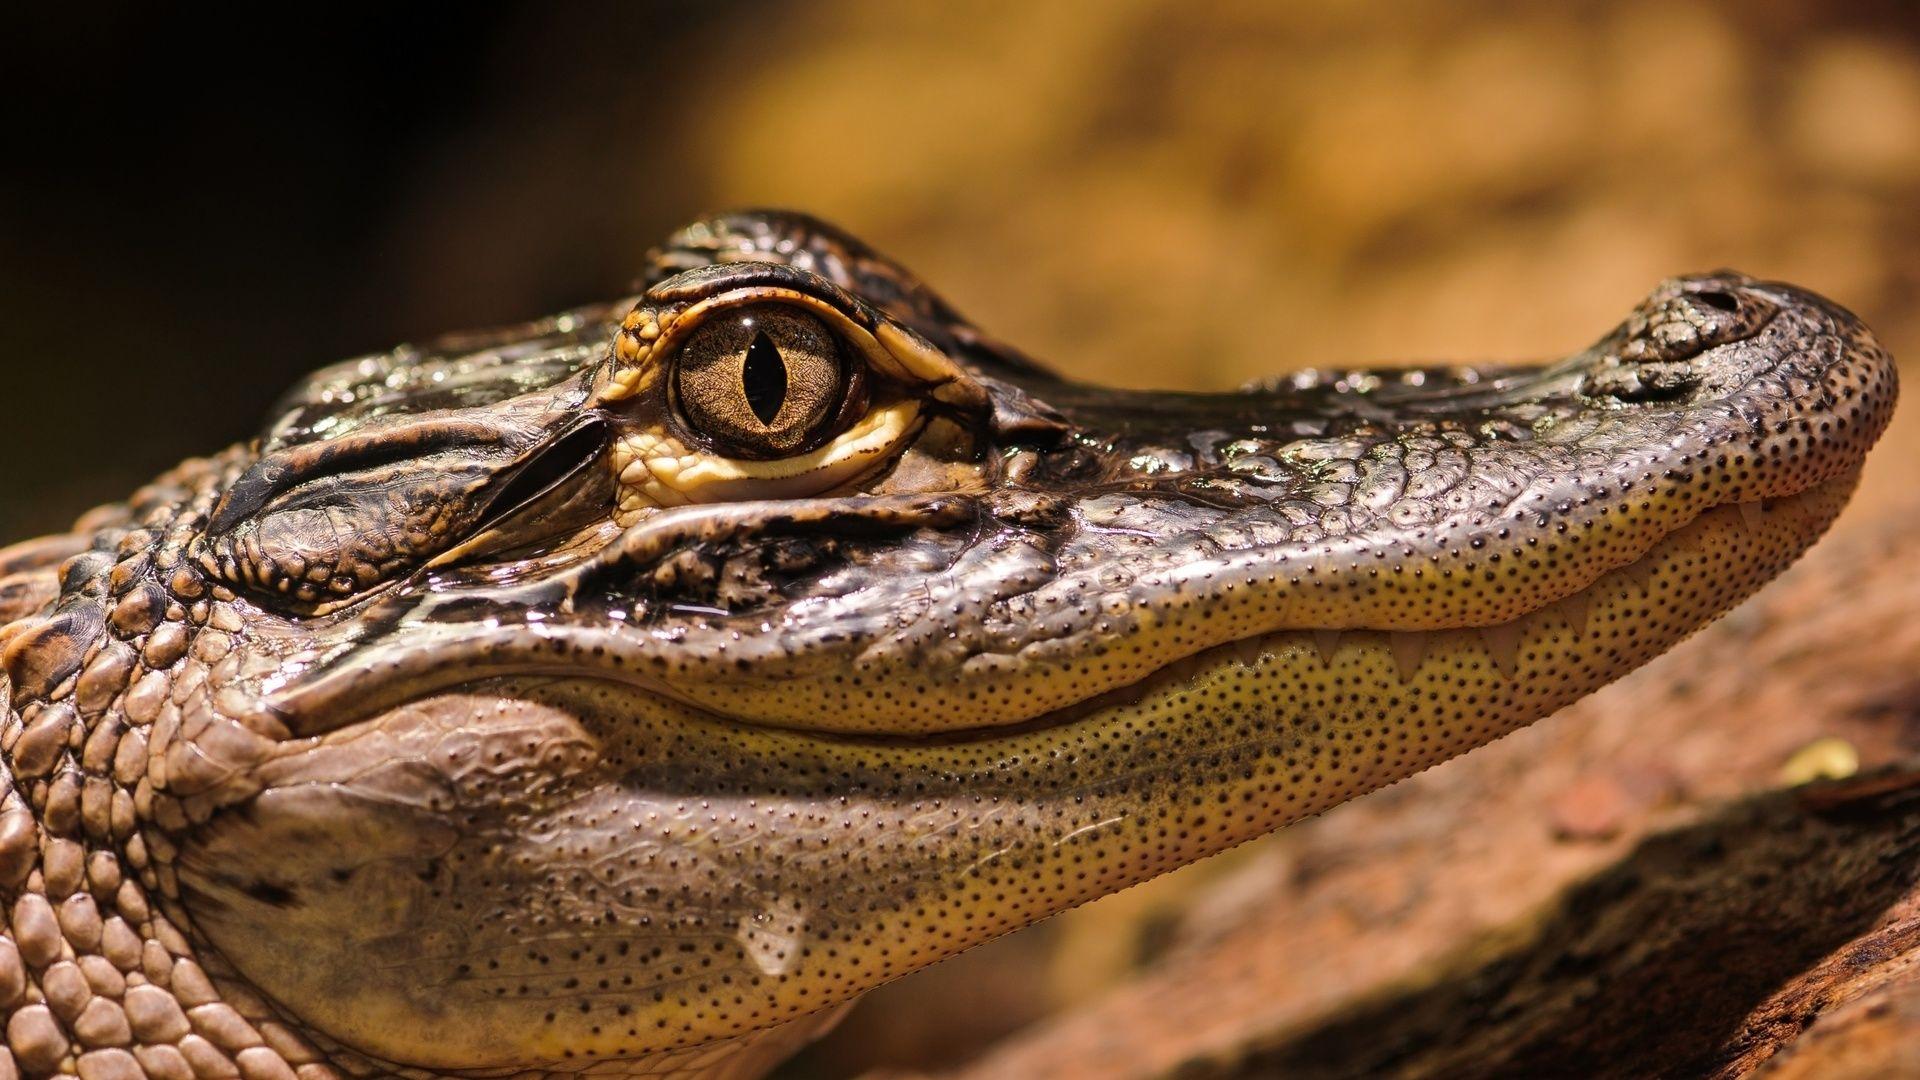 Crocodile Wallpaper Picture